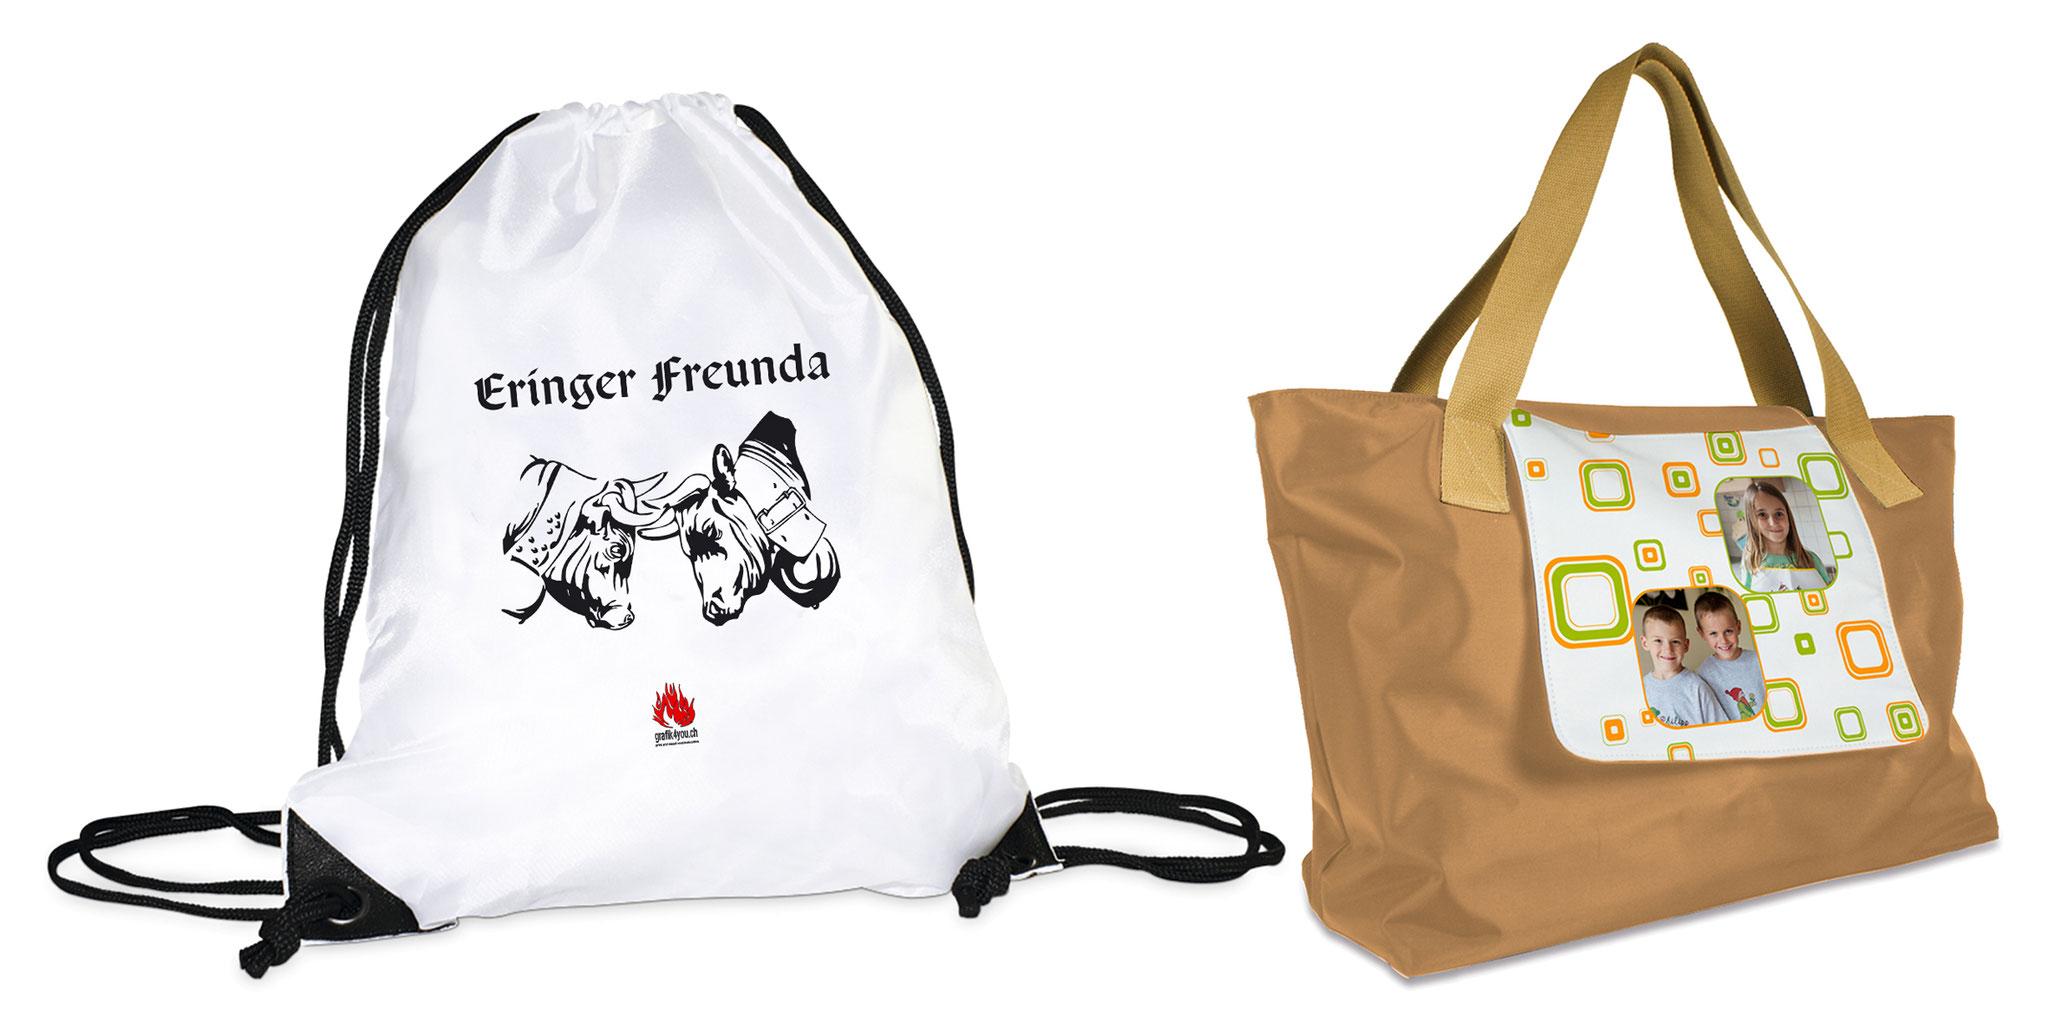 35x44 oder 43x33x15cm (Turnbeutel/Strandtasche), ab CHF 29.00/49.00